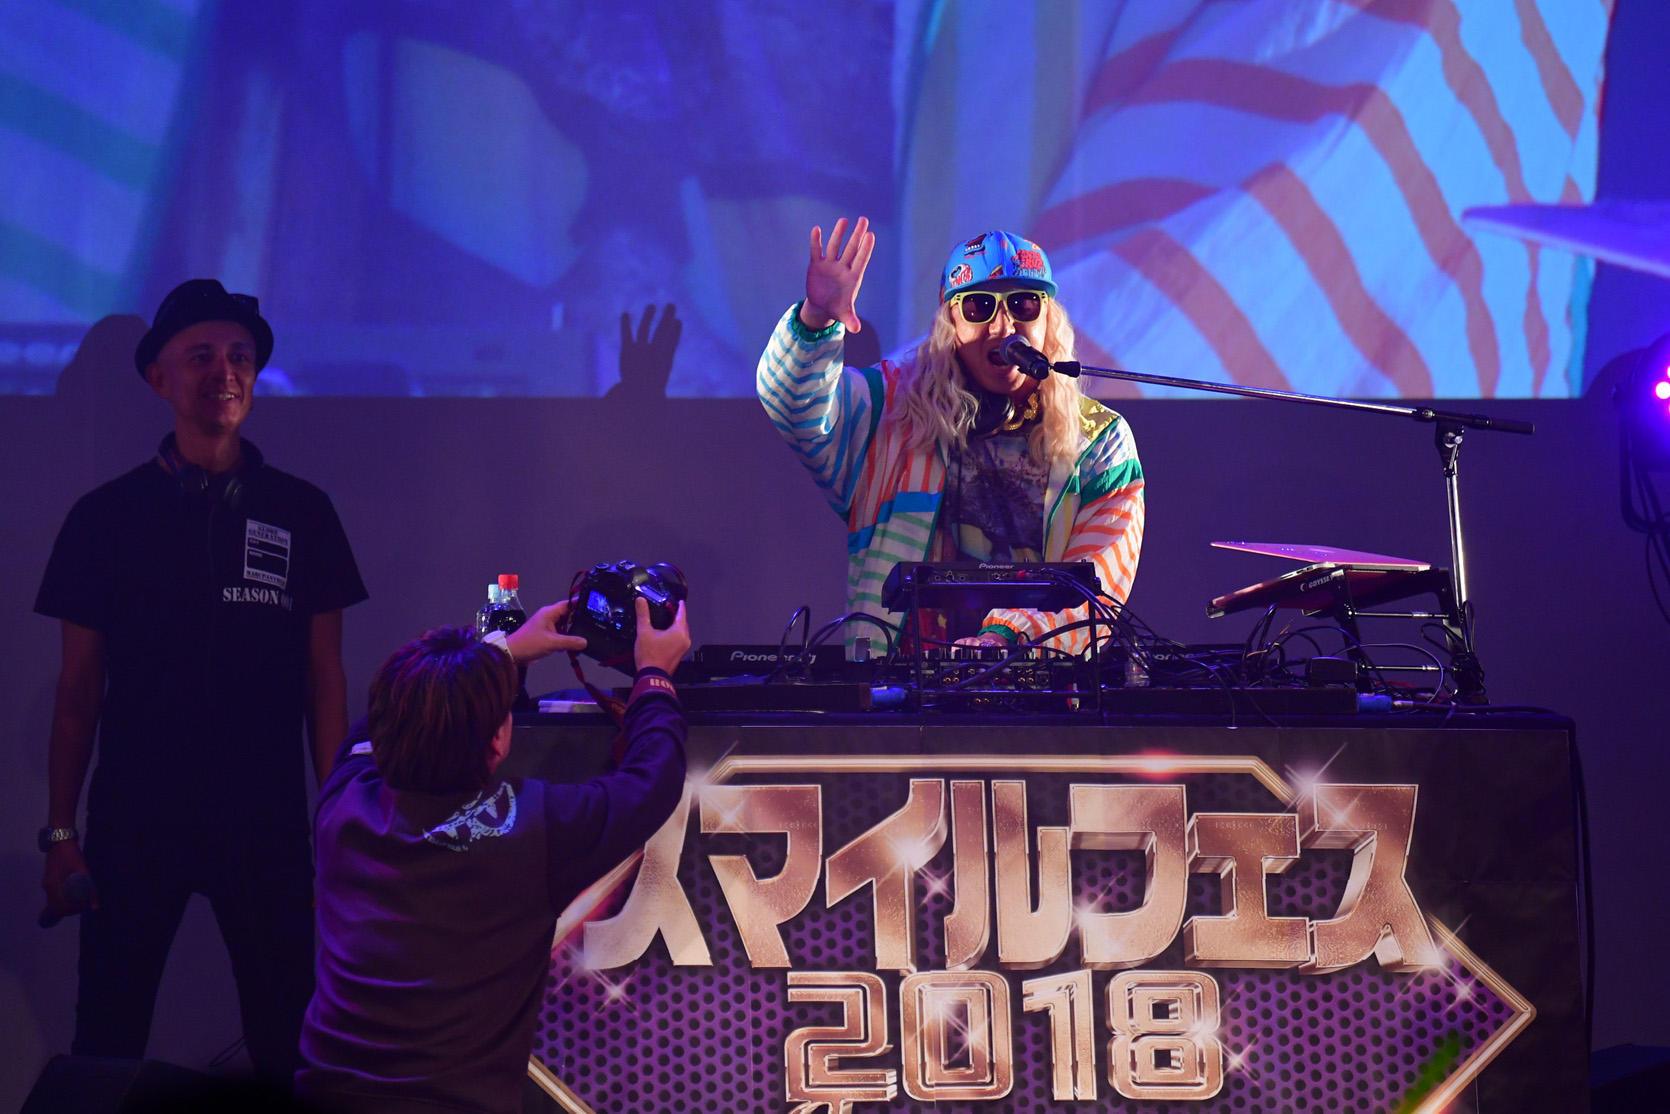 http://news.yoshimoto.co.jp/20181201030009-93b2eabf6d59b6354bab7bb175f18873b11bc308.jpg